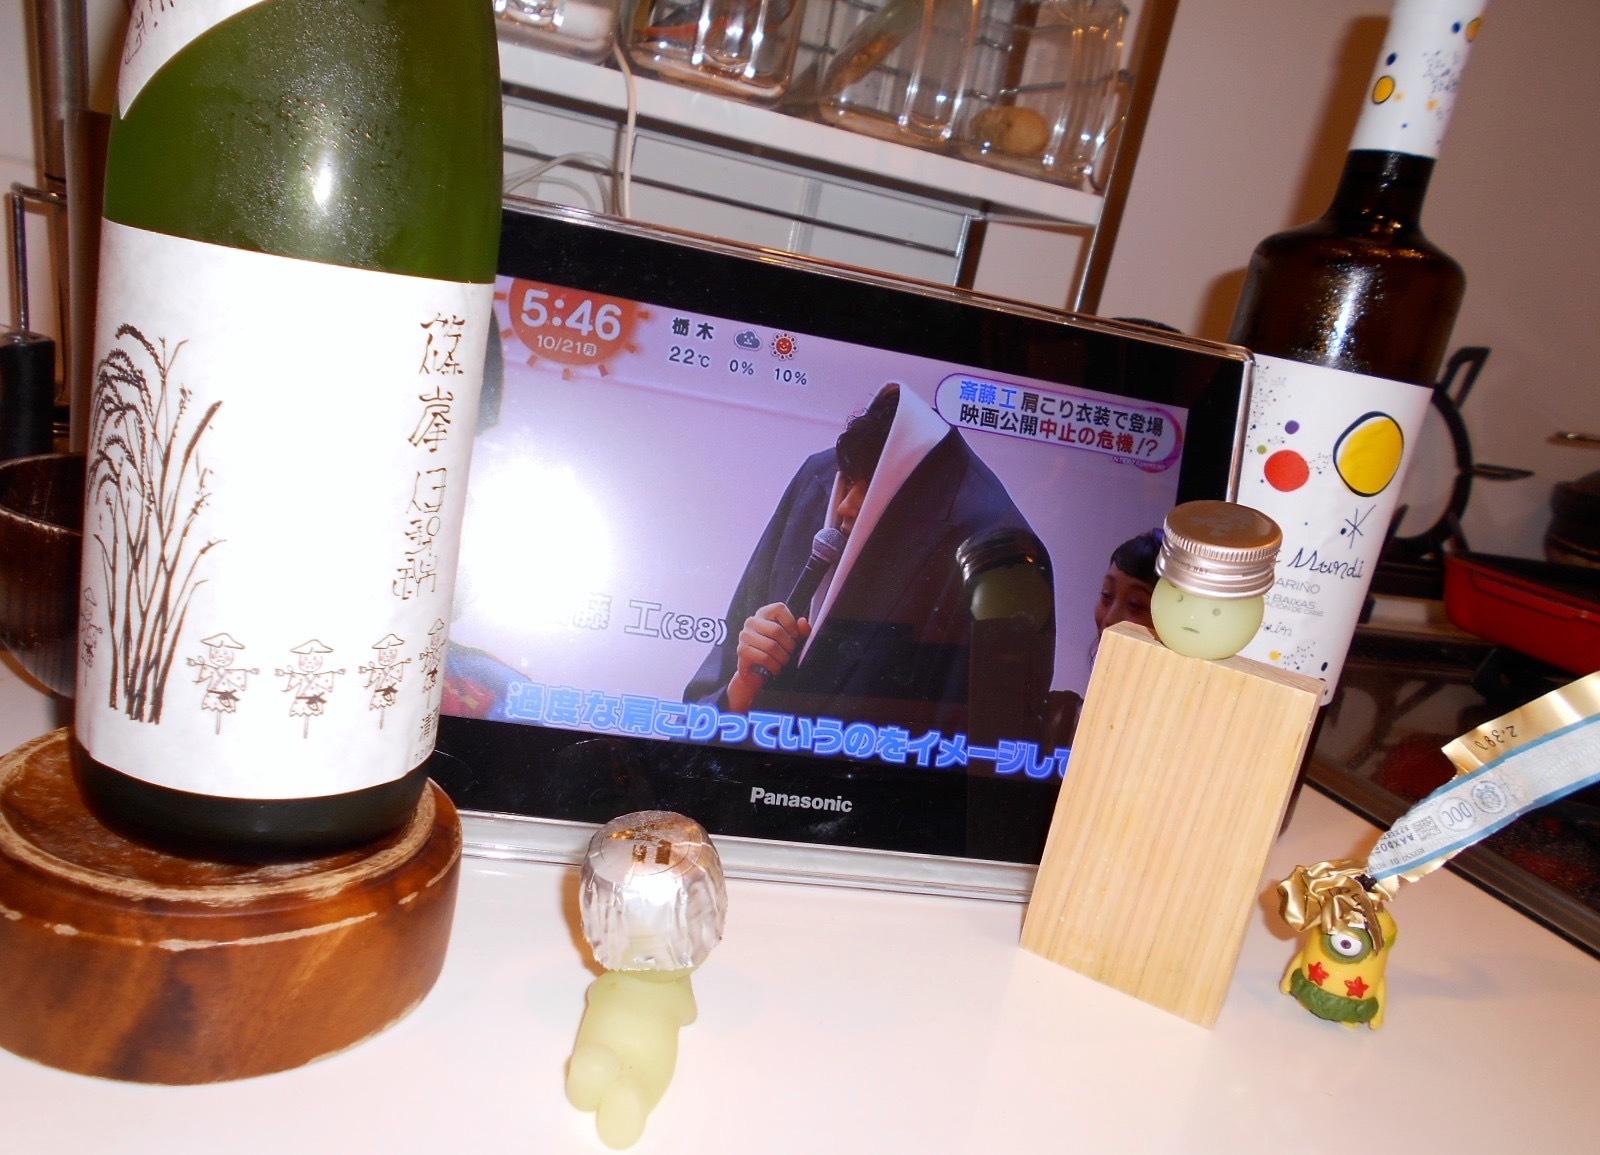 shinomine_junmai_isenishiki30by2_1.jpg